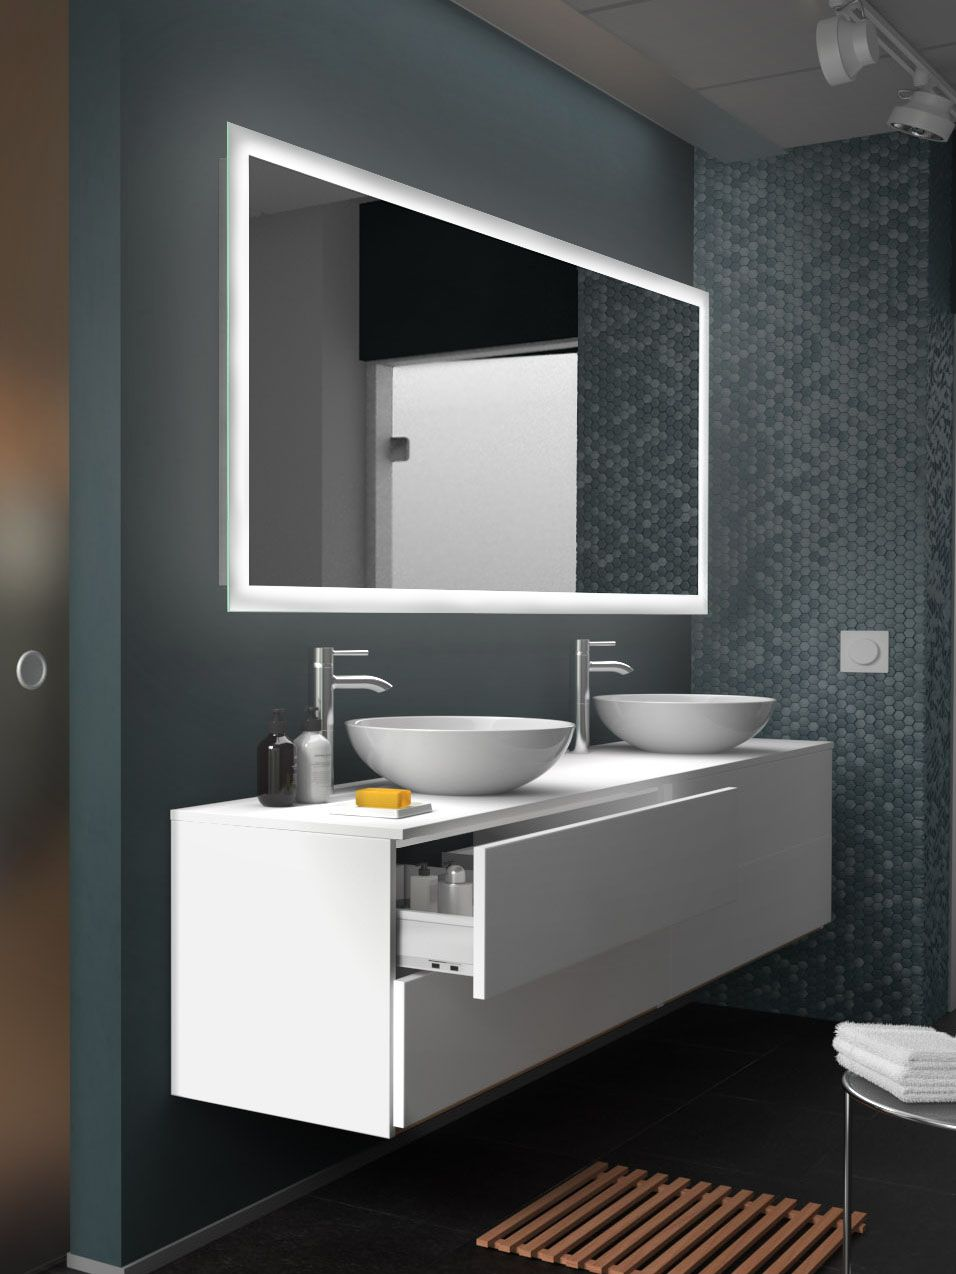 Led Badspiegel New York Mit Rundum Verlaufender Hinterleuchteter Satinierung Badspiegel Bad Spiegel Beleuchtung Badezimmerspiegel Beleuchtung